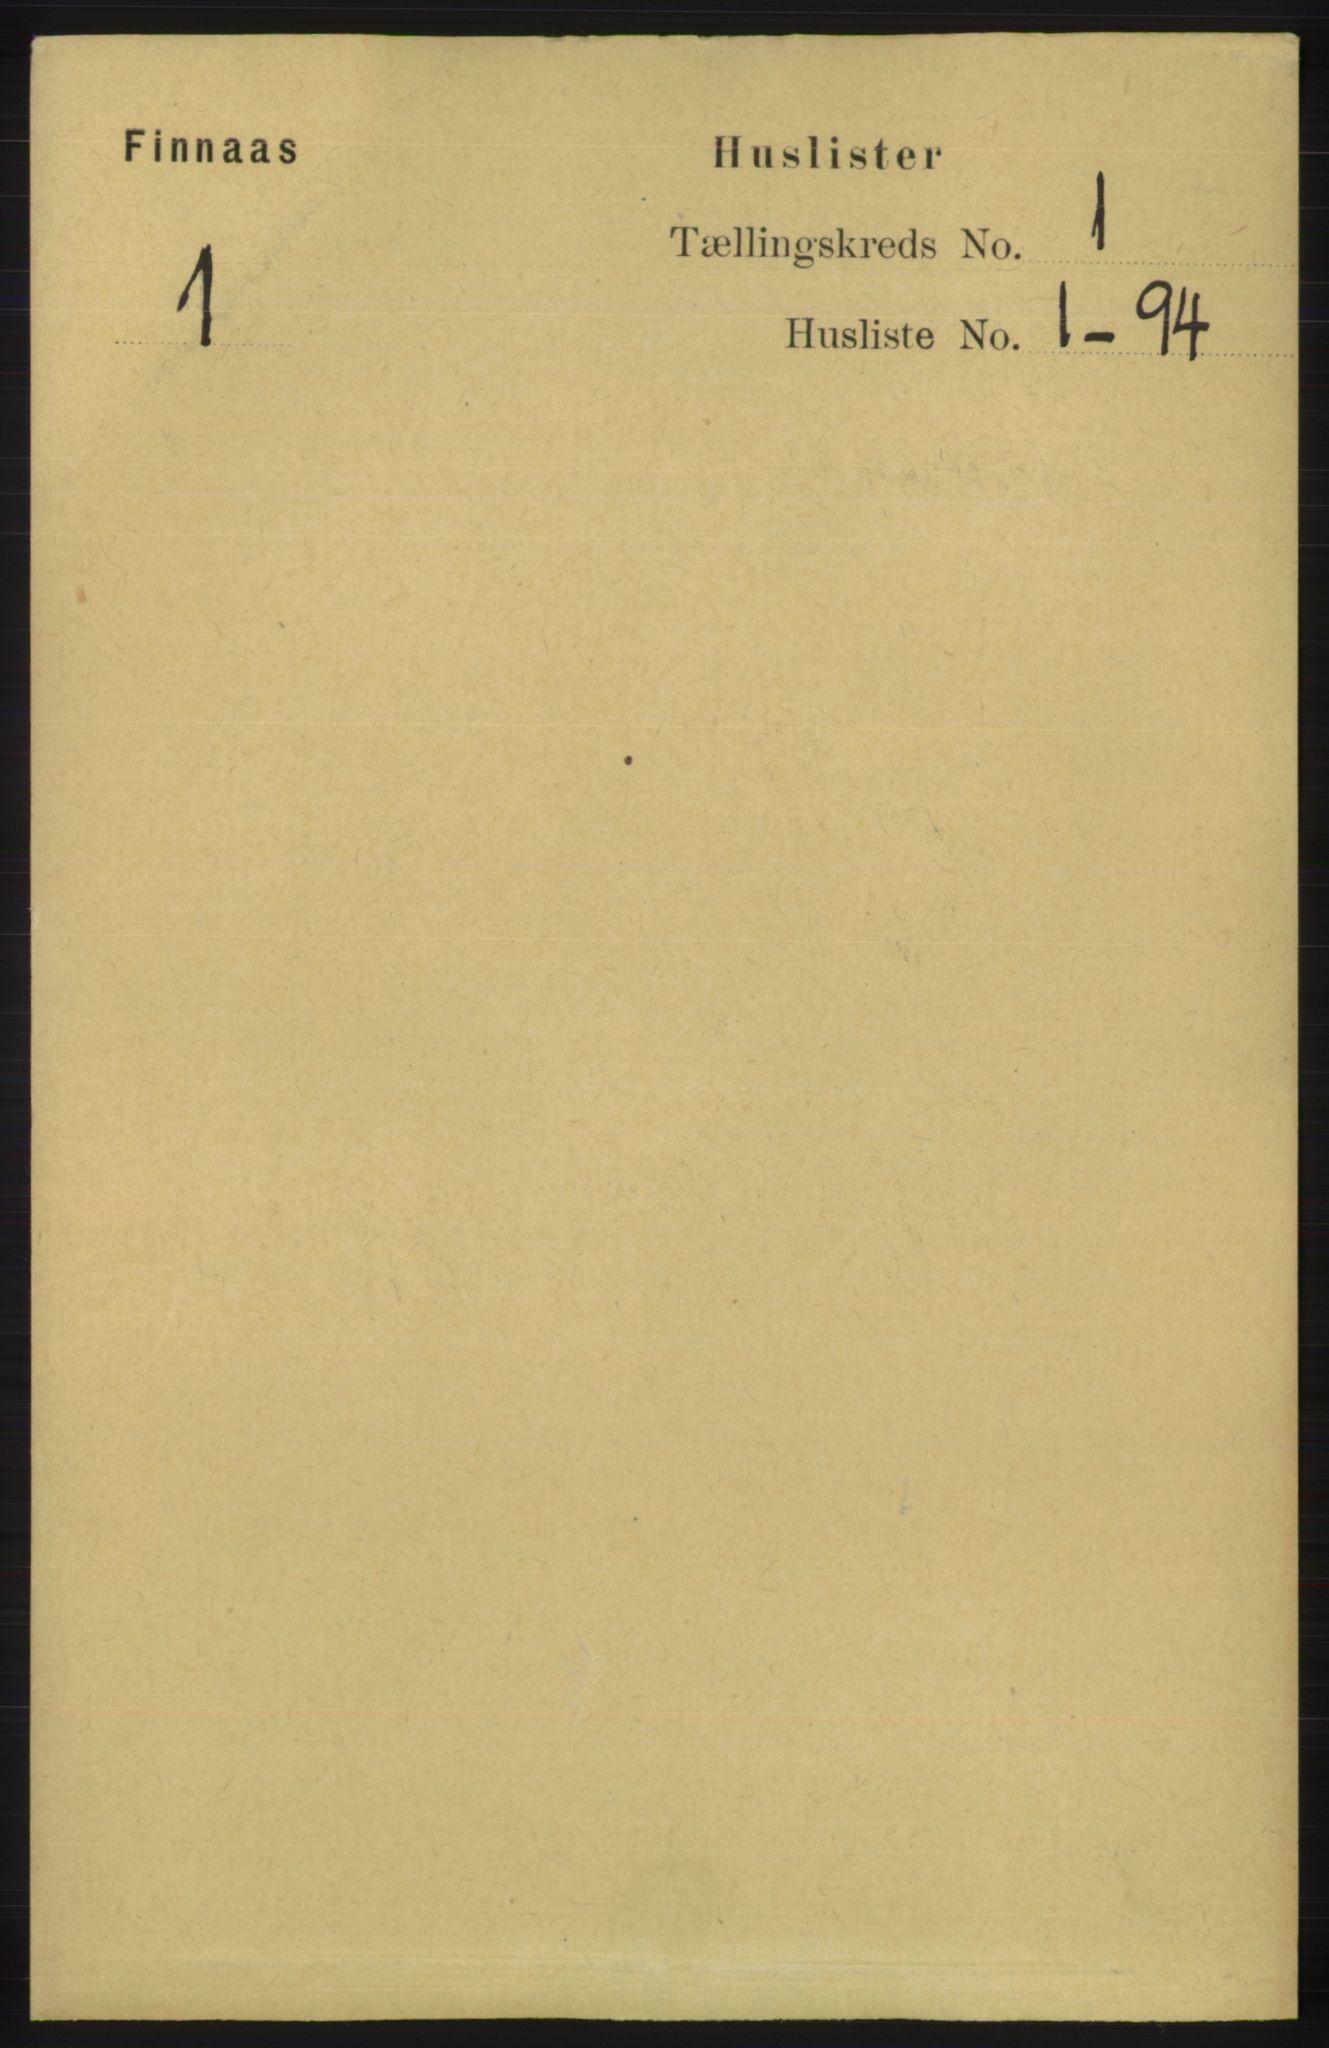 RA, Folketelling 1891 for 1218 Finnås herred, 1891, s. 39